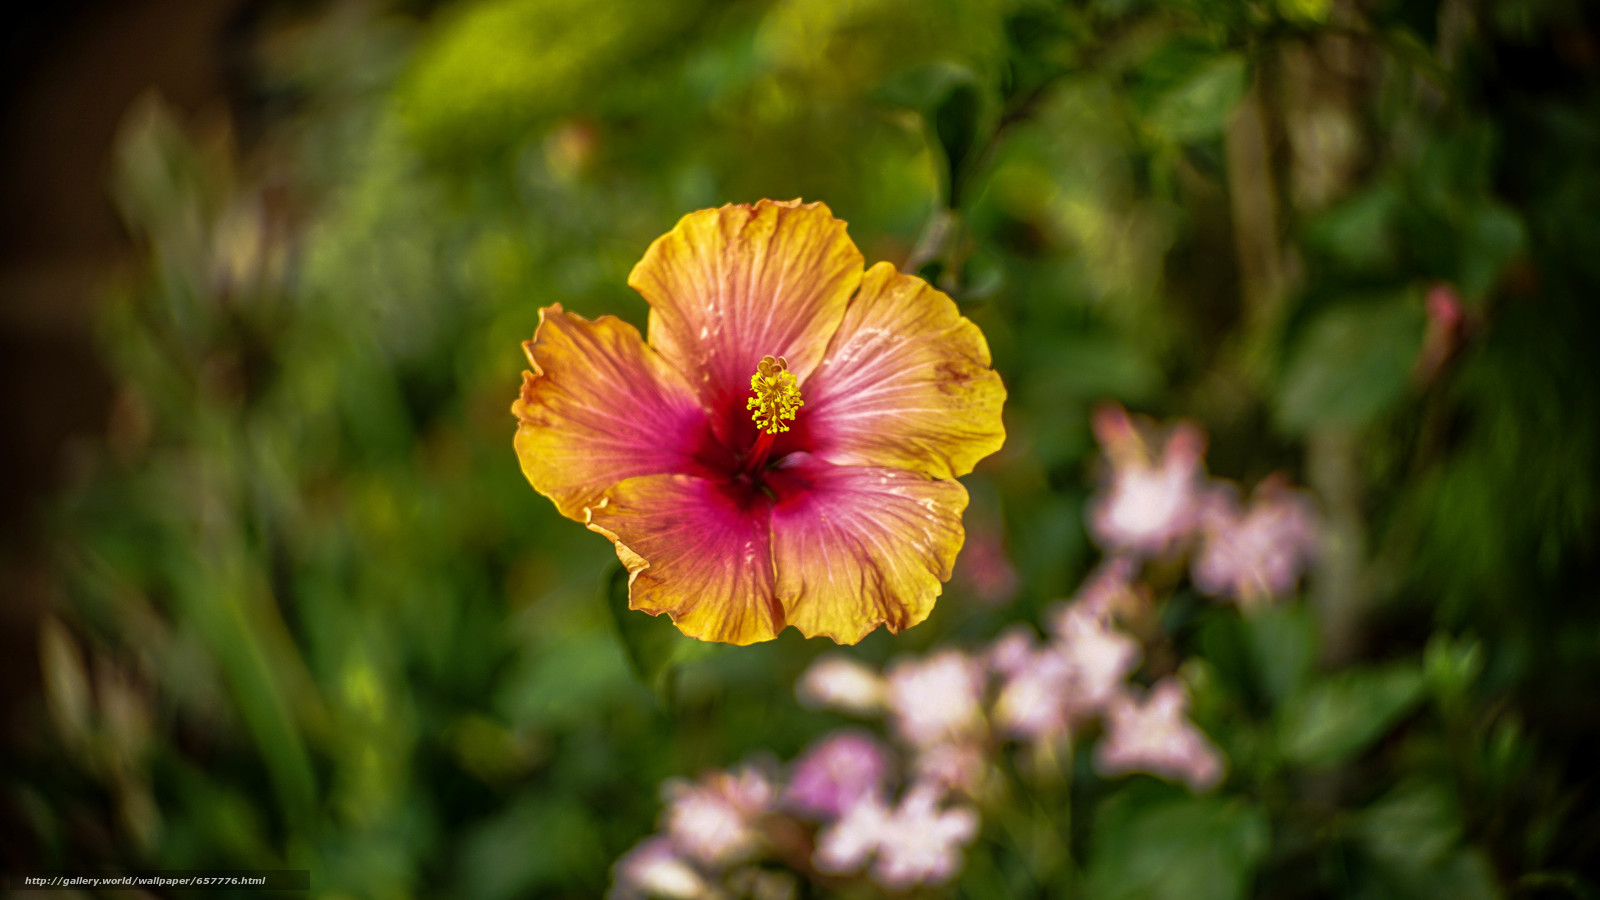 Tlcharger Fond d'ecran Fleurs,  fleur,  exotique,  Macro Fonds d'ecran gratuits pour votre rsolution du bureau 6000x3376 — image №657776